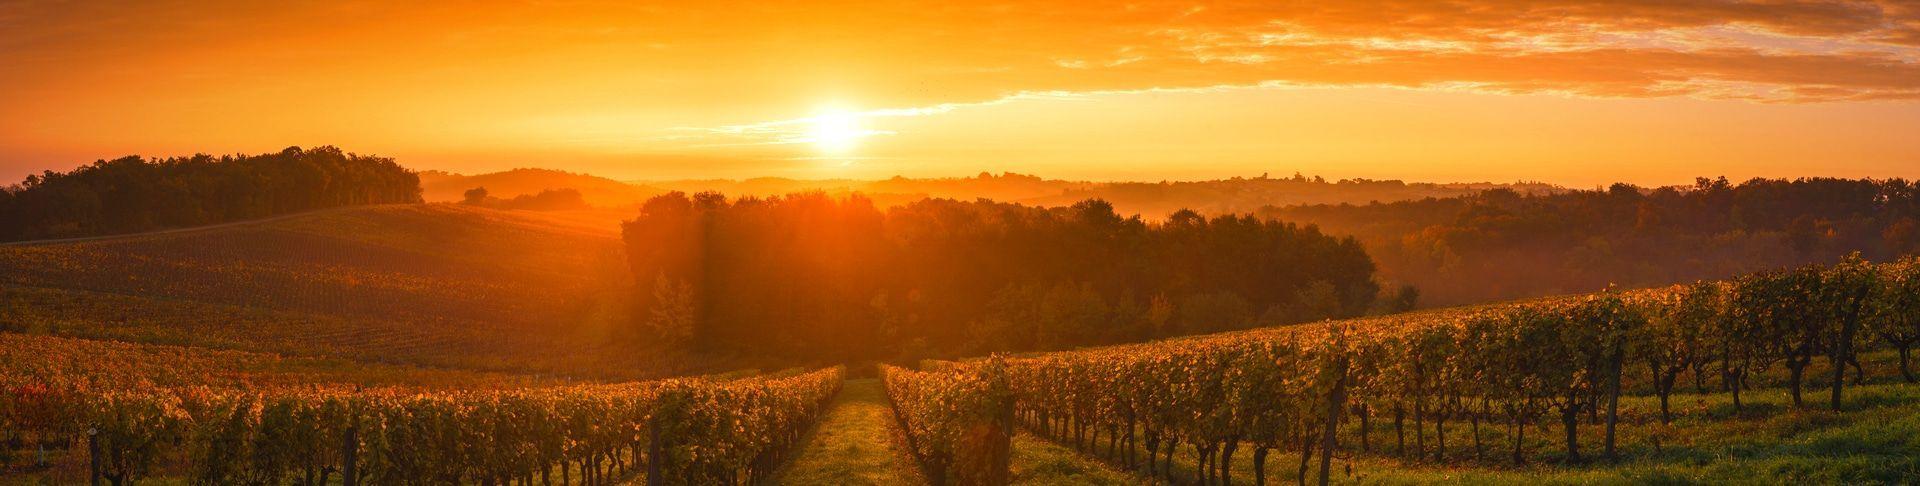 Vins De France | Commandez En Ligne | Fabrication Artisanale